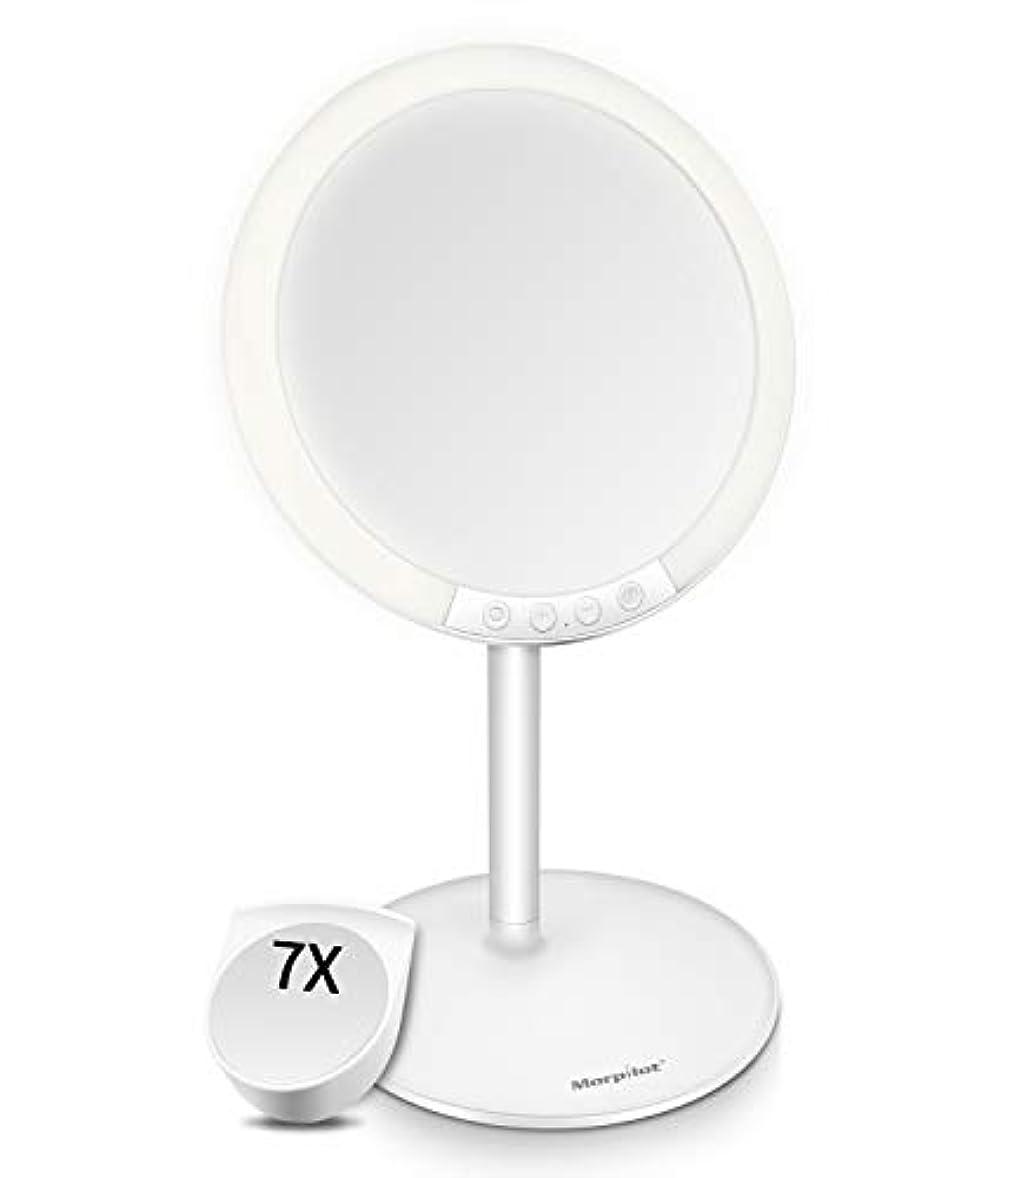 裏切り者効果スーツケースMotpilot 化粧鏡 卓上ミラー 鏡 化粧ミラー 女優ミラー LEDミラー スタンドミラー USB充電式 寒暖色調節可能 明るさ7段階調節可能 7倍拡大鏡付き 120°回転 ホワイト